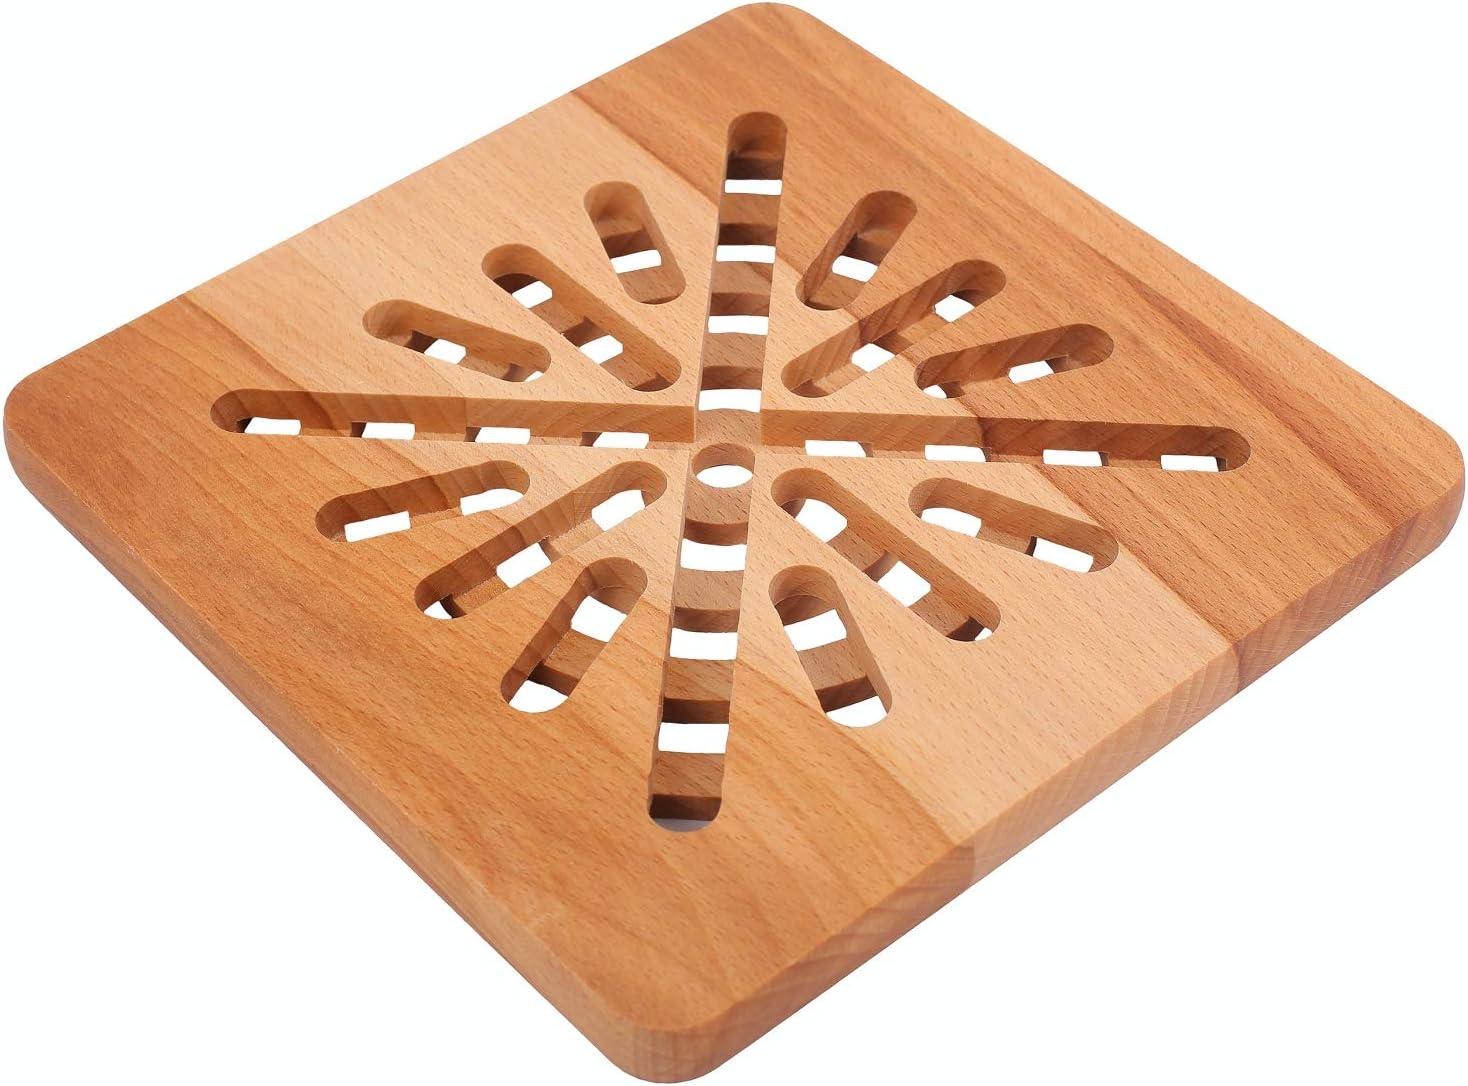 Protecteur de Table et de Comptoir 19,5 x 19,5 x 1,5 cm Bois de H/être Naturel R/ésistant /à la Chaleur et /Écologique Creative Home Dessous de Plat en Bois Carr/é R/éversible